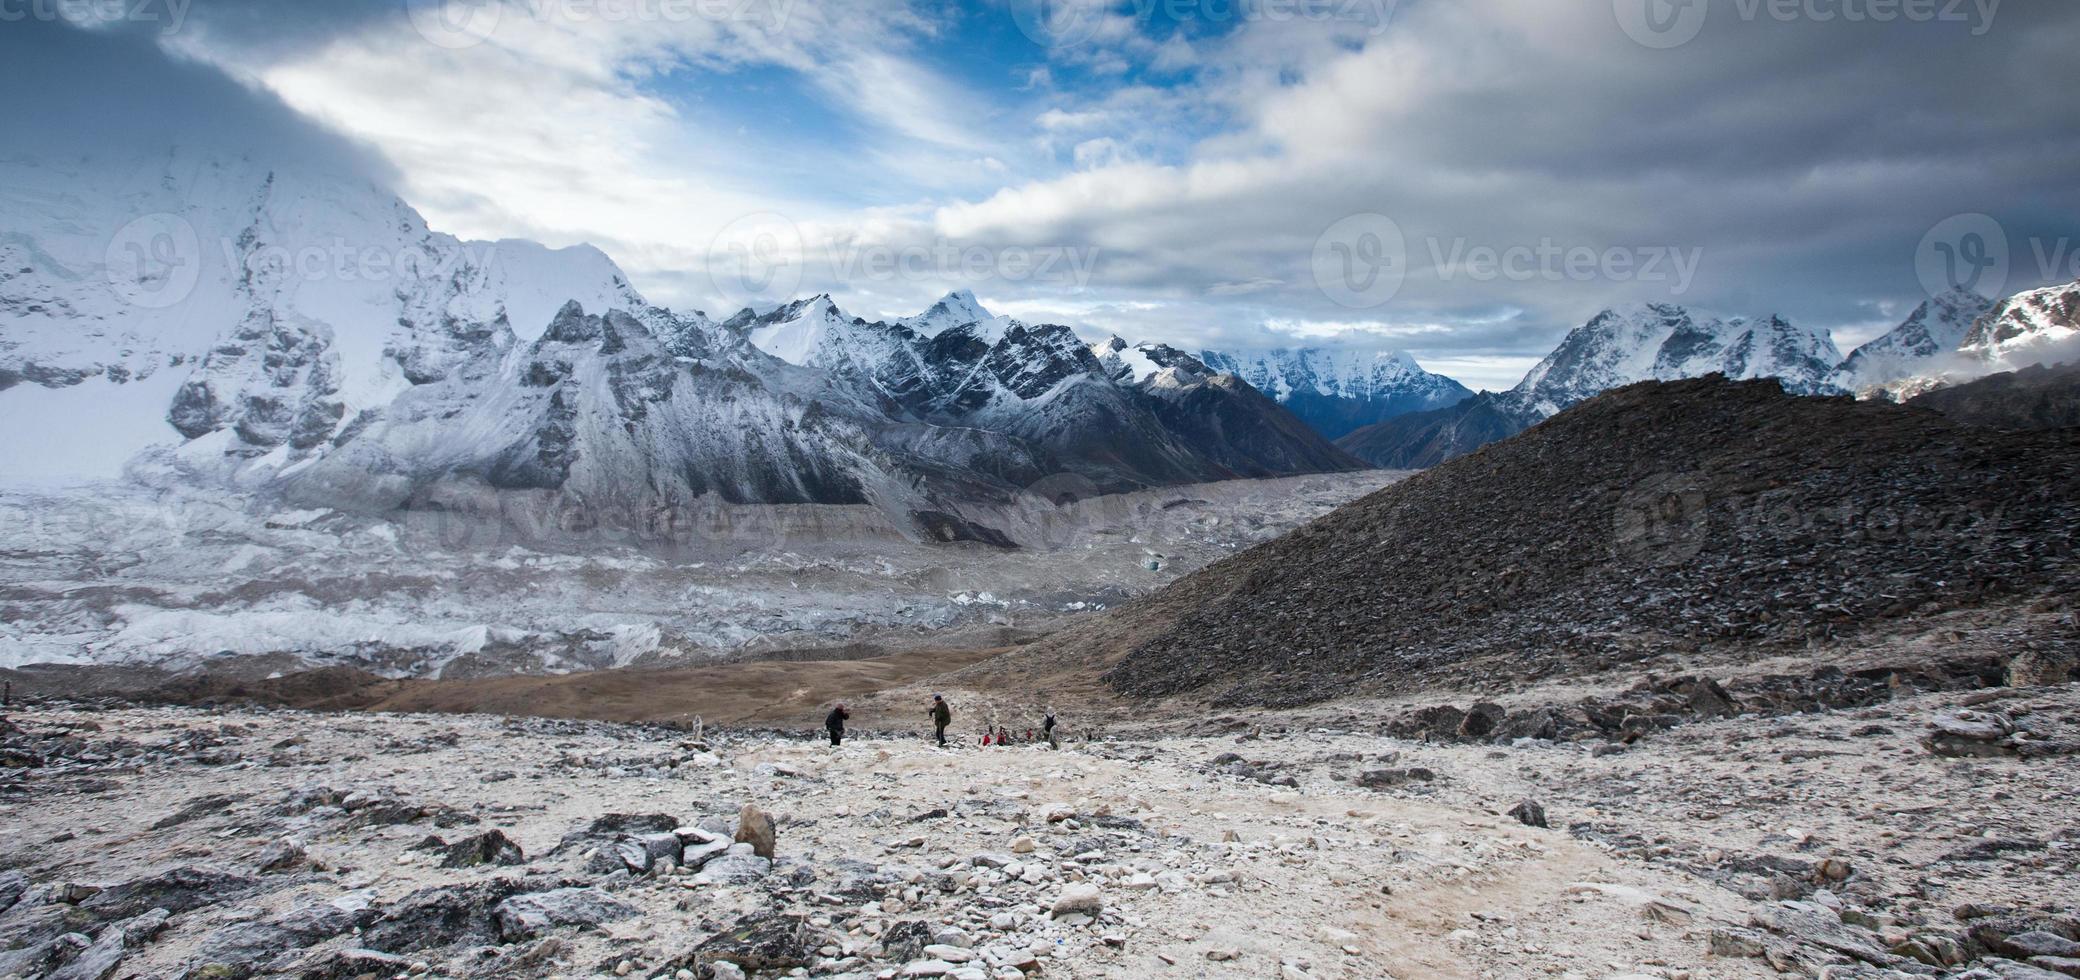 visualizzare in parte del campo base dell'Everest a Khumbu foto